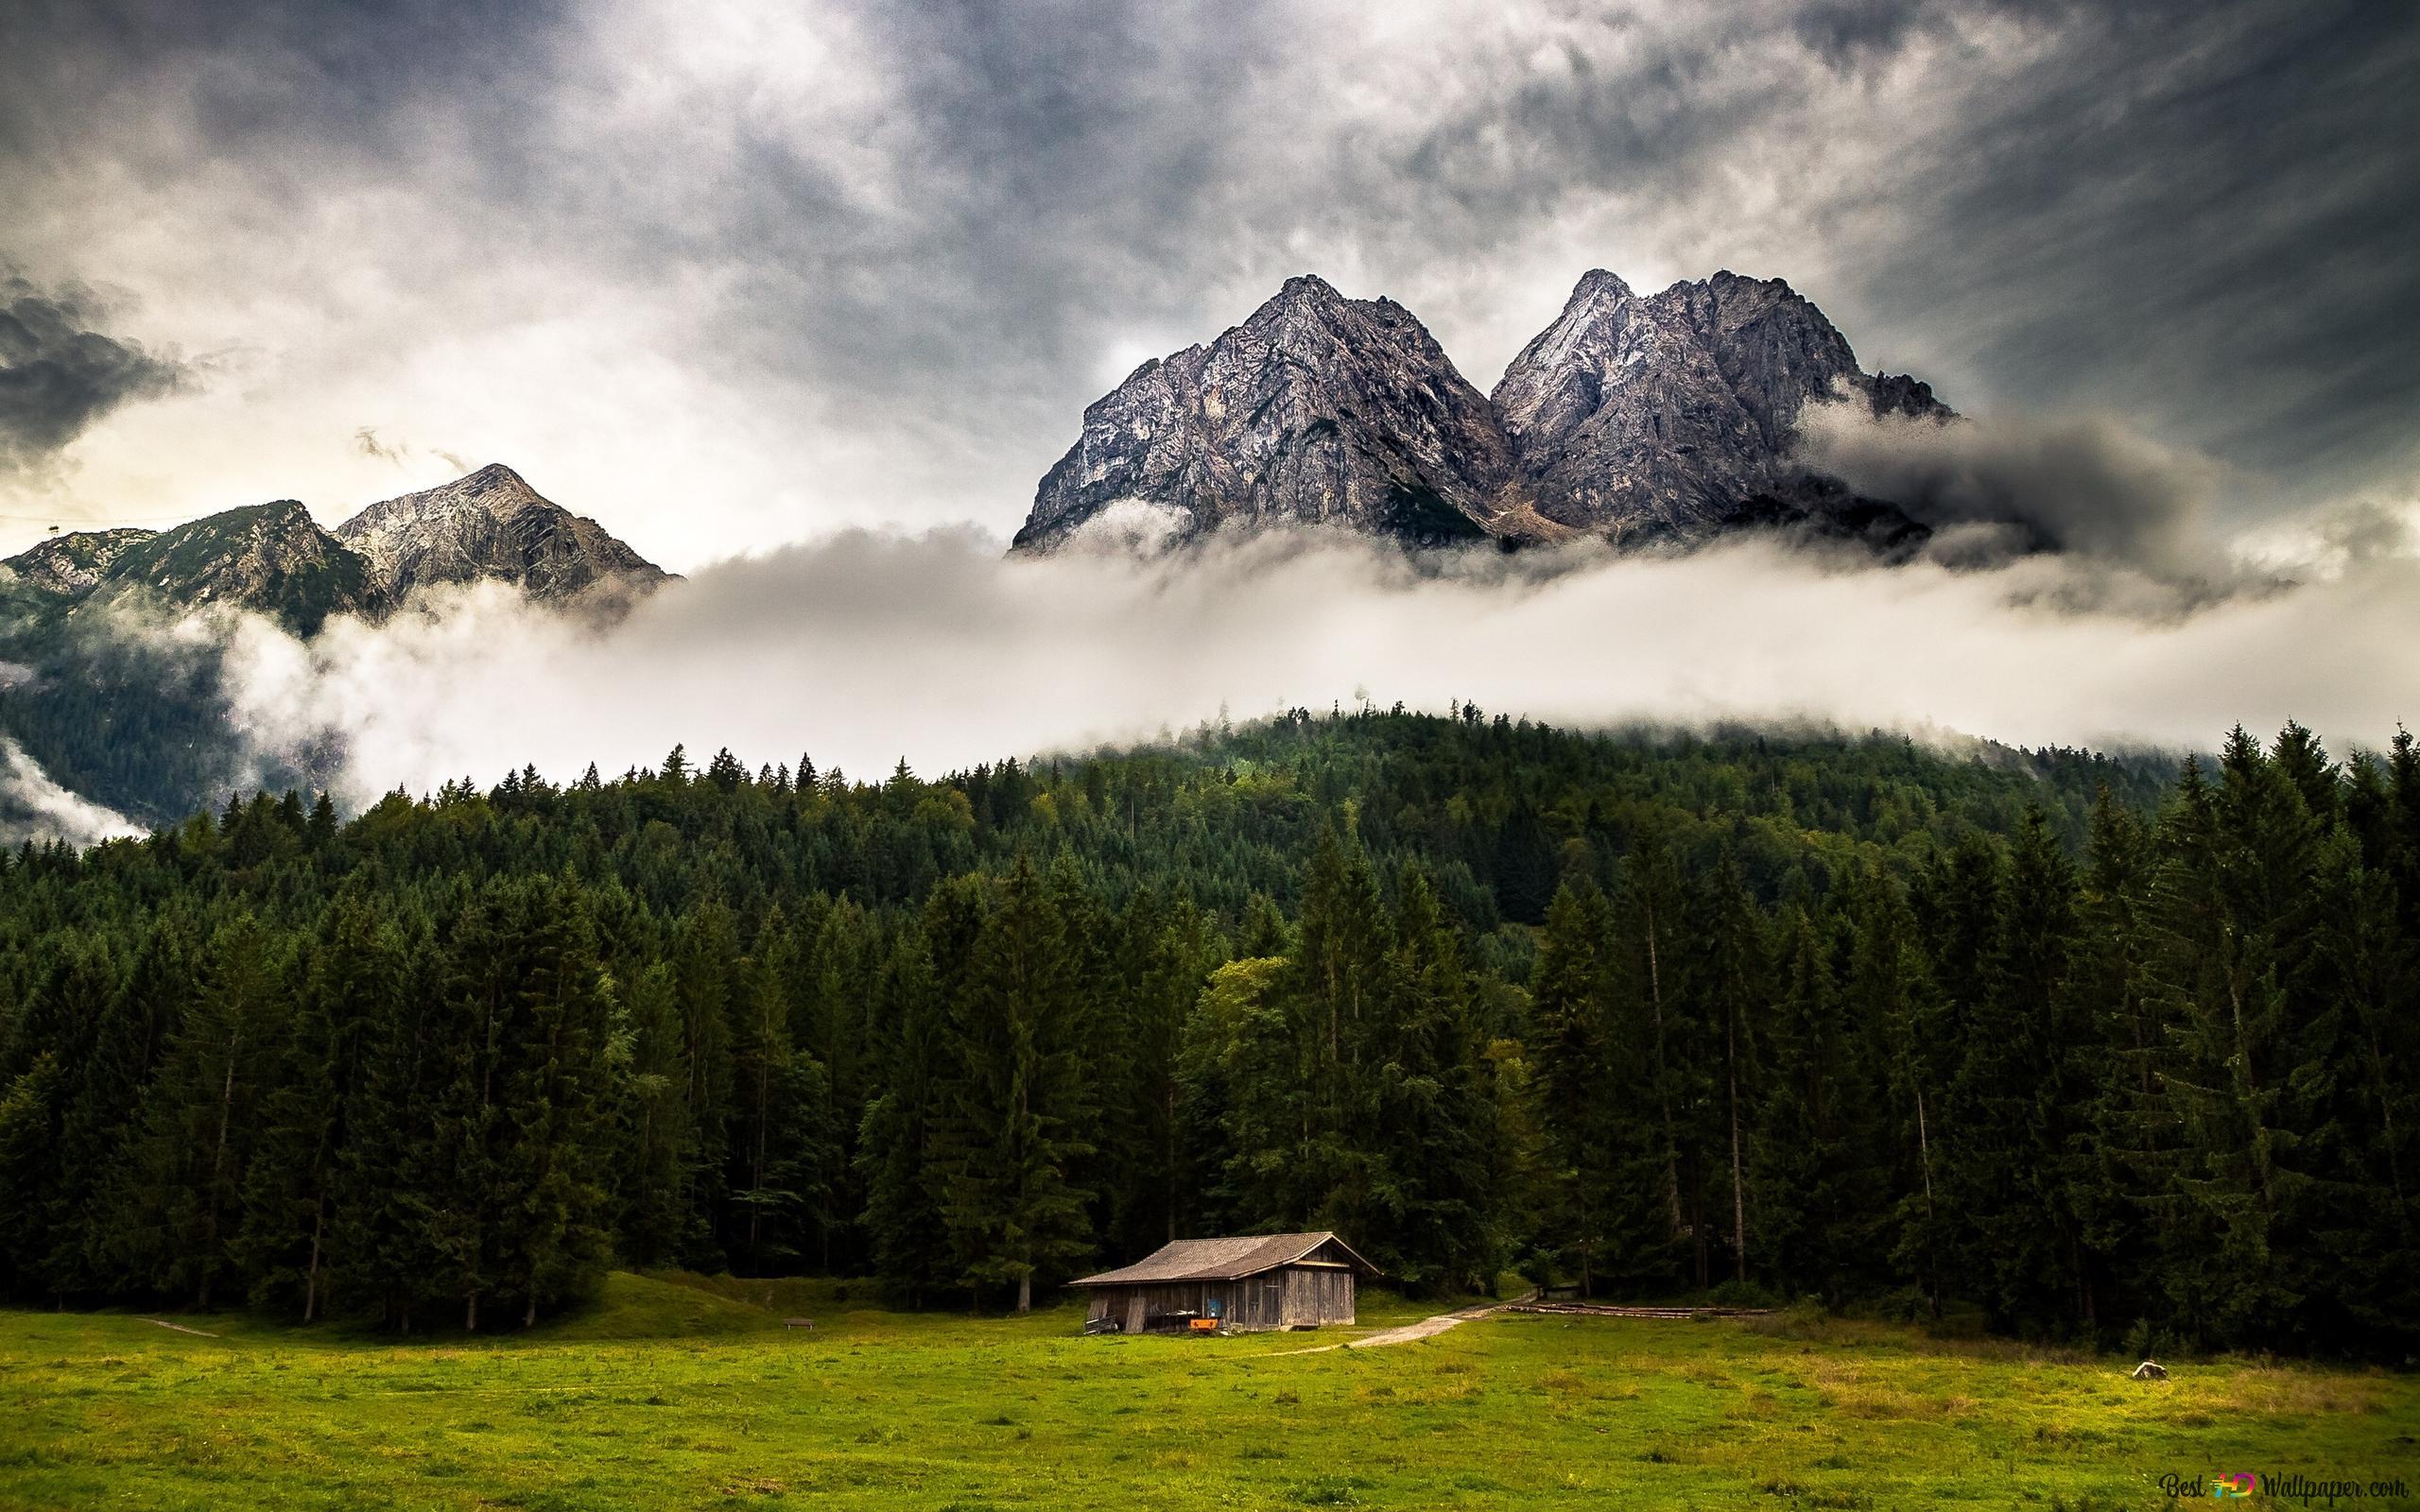 mounthと森の間雲 hd壁紙のダウンロード